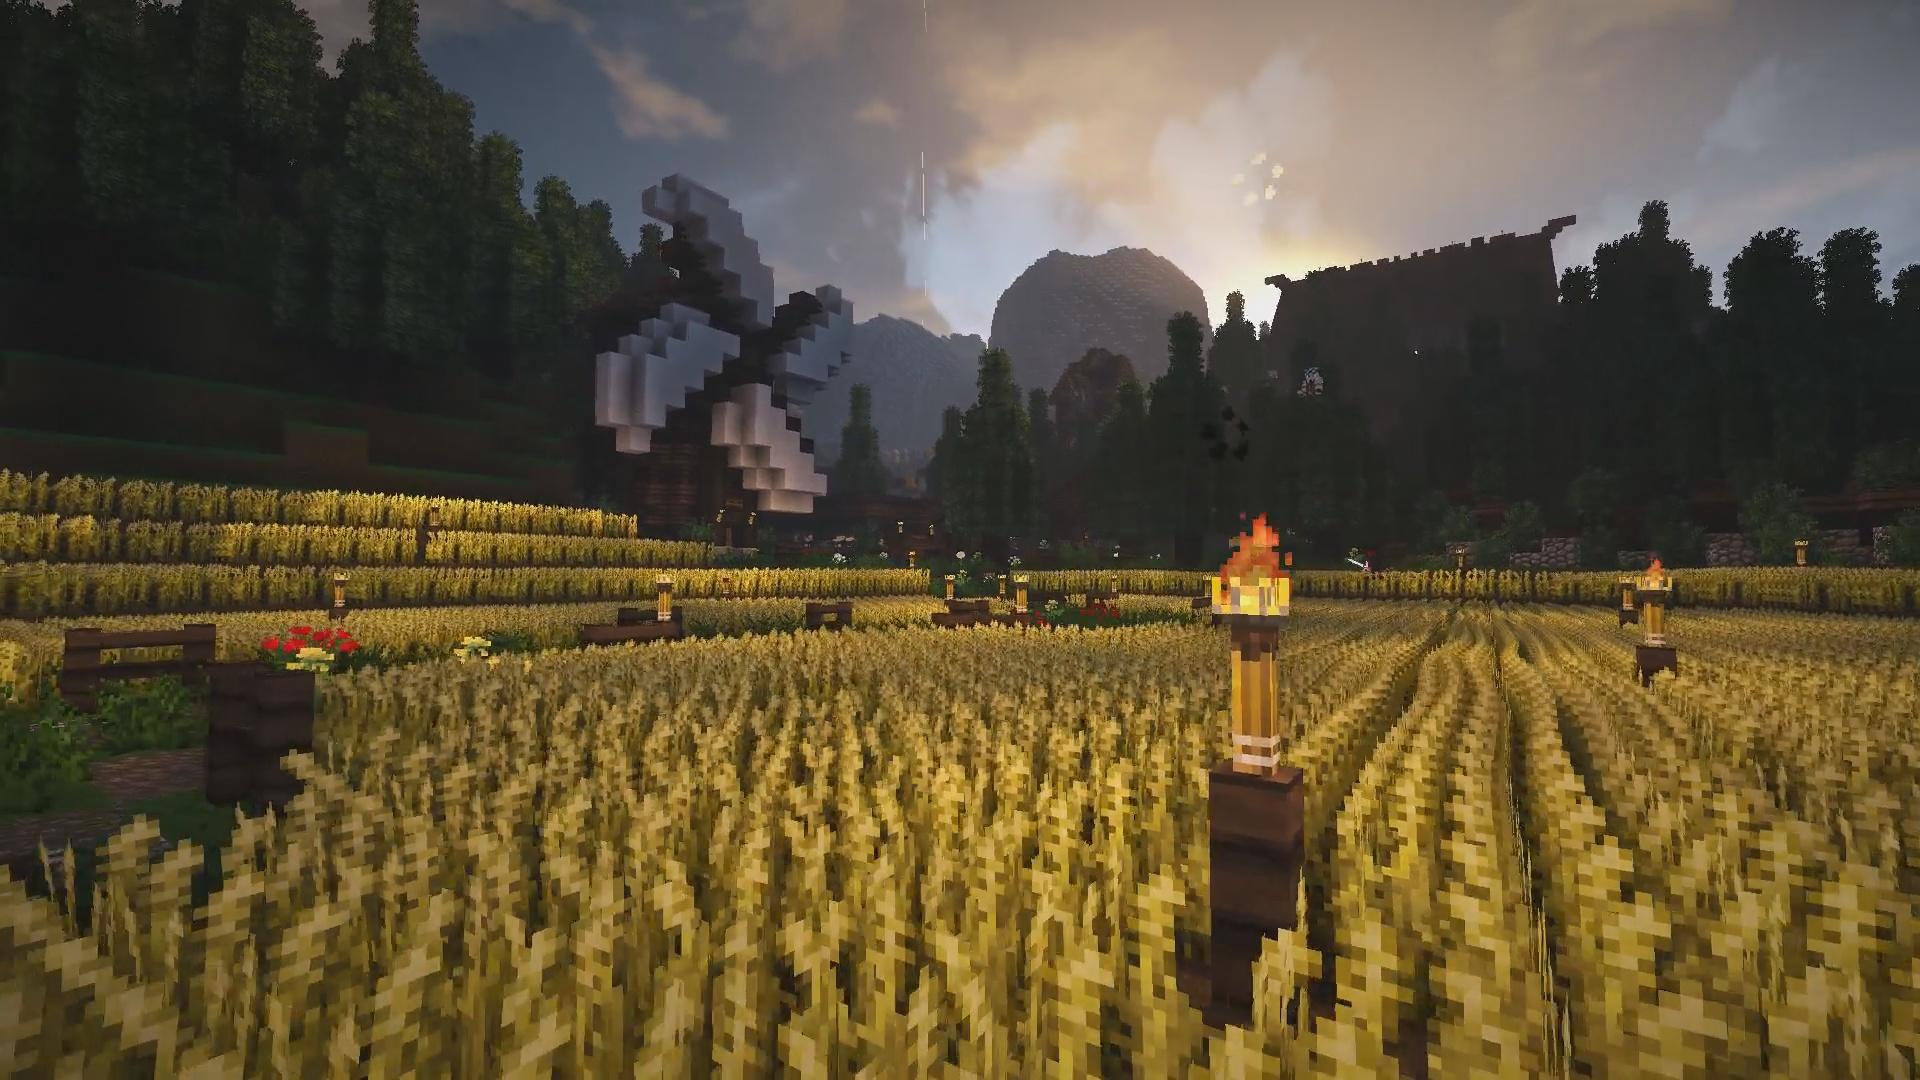 Promis les récoltes seront bonne !